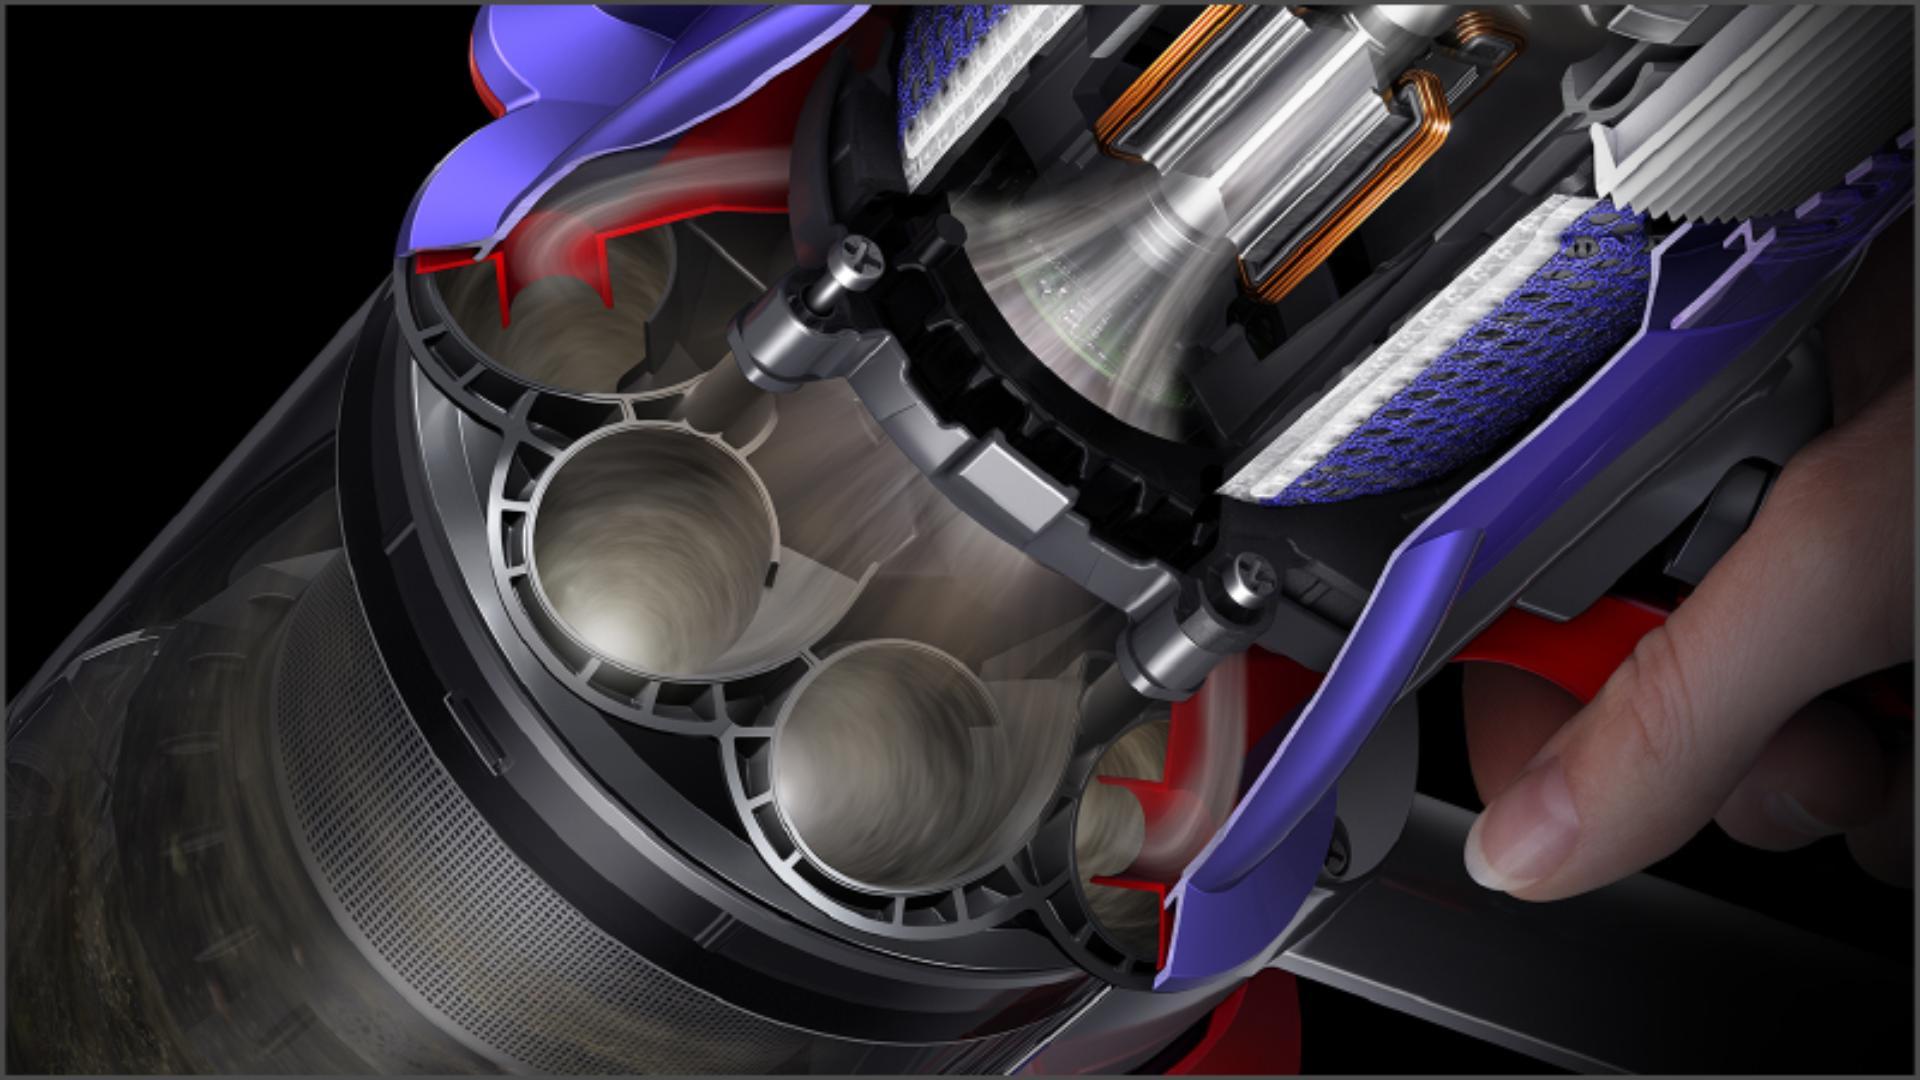 Dyson Digital Slim™ 輕量無線吸塵機氣旋及濾網的切面圖